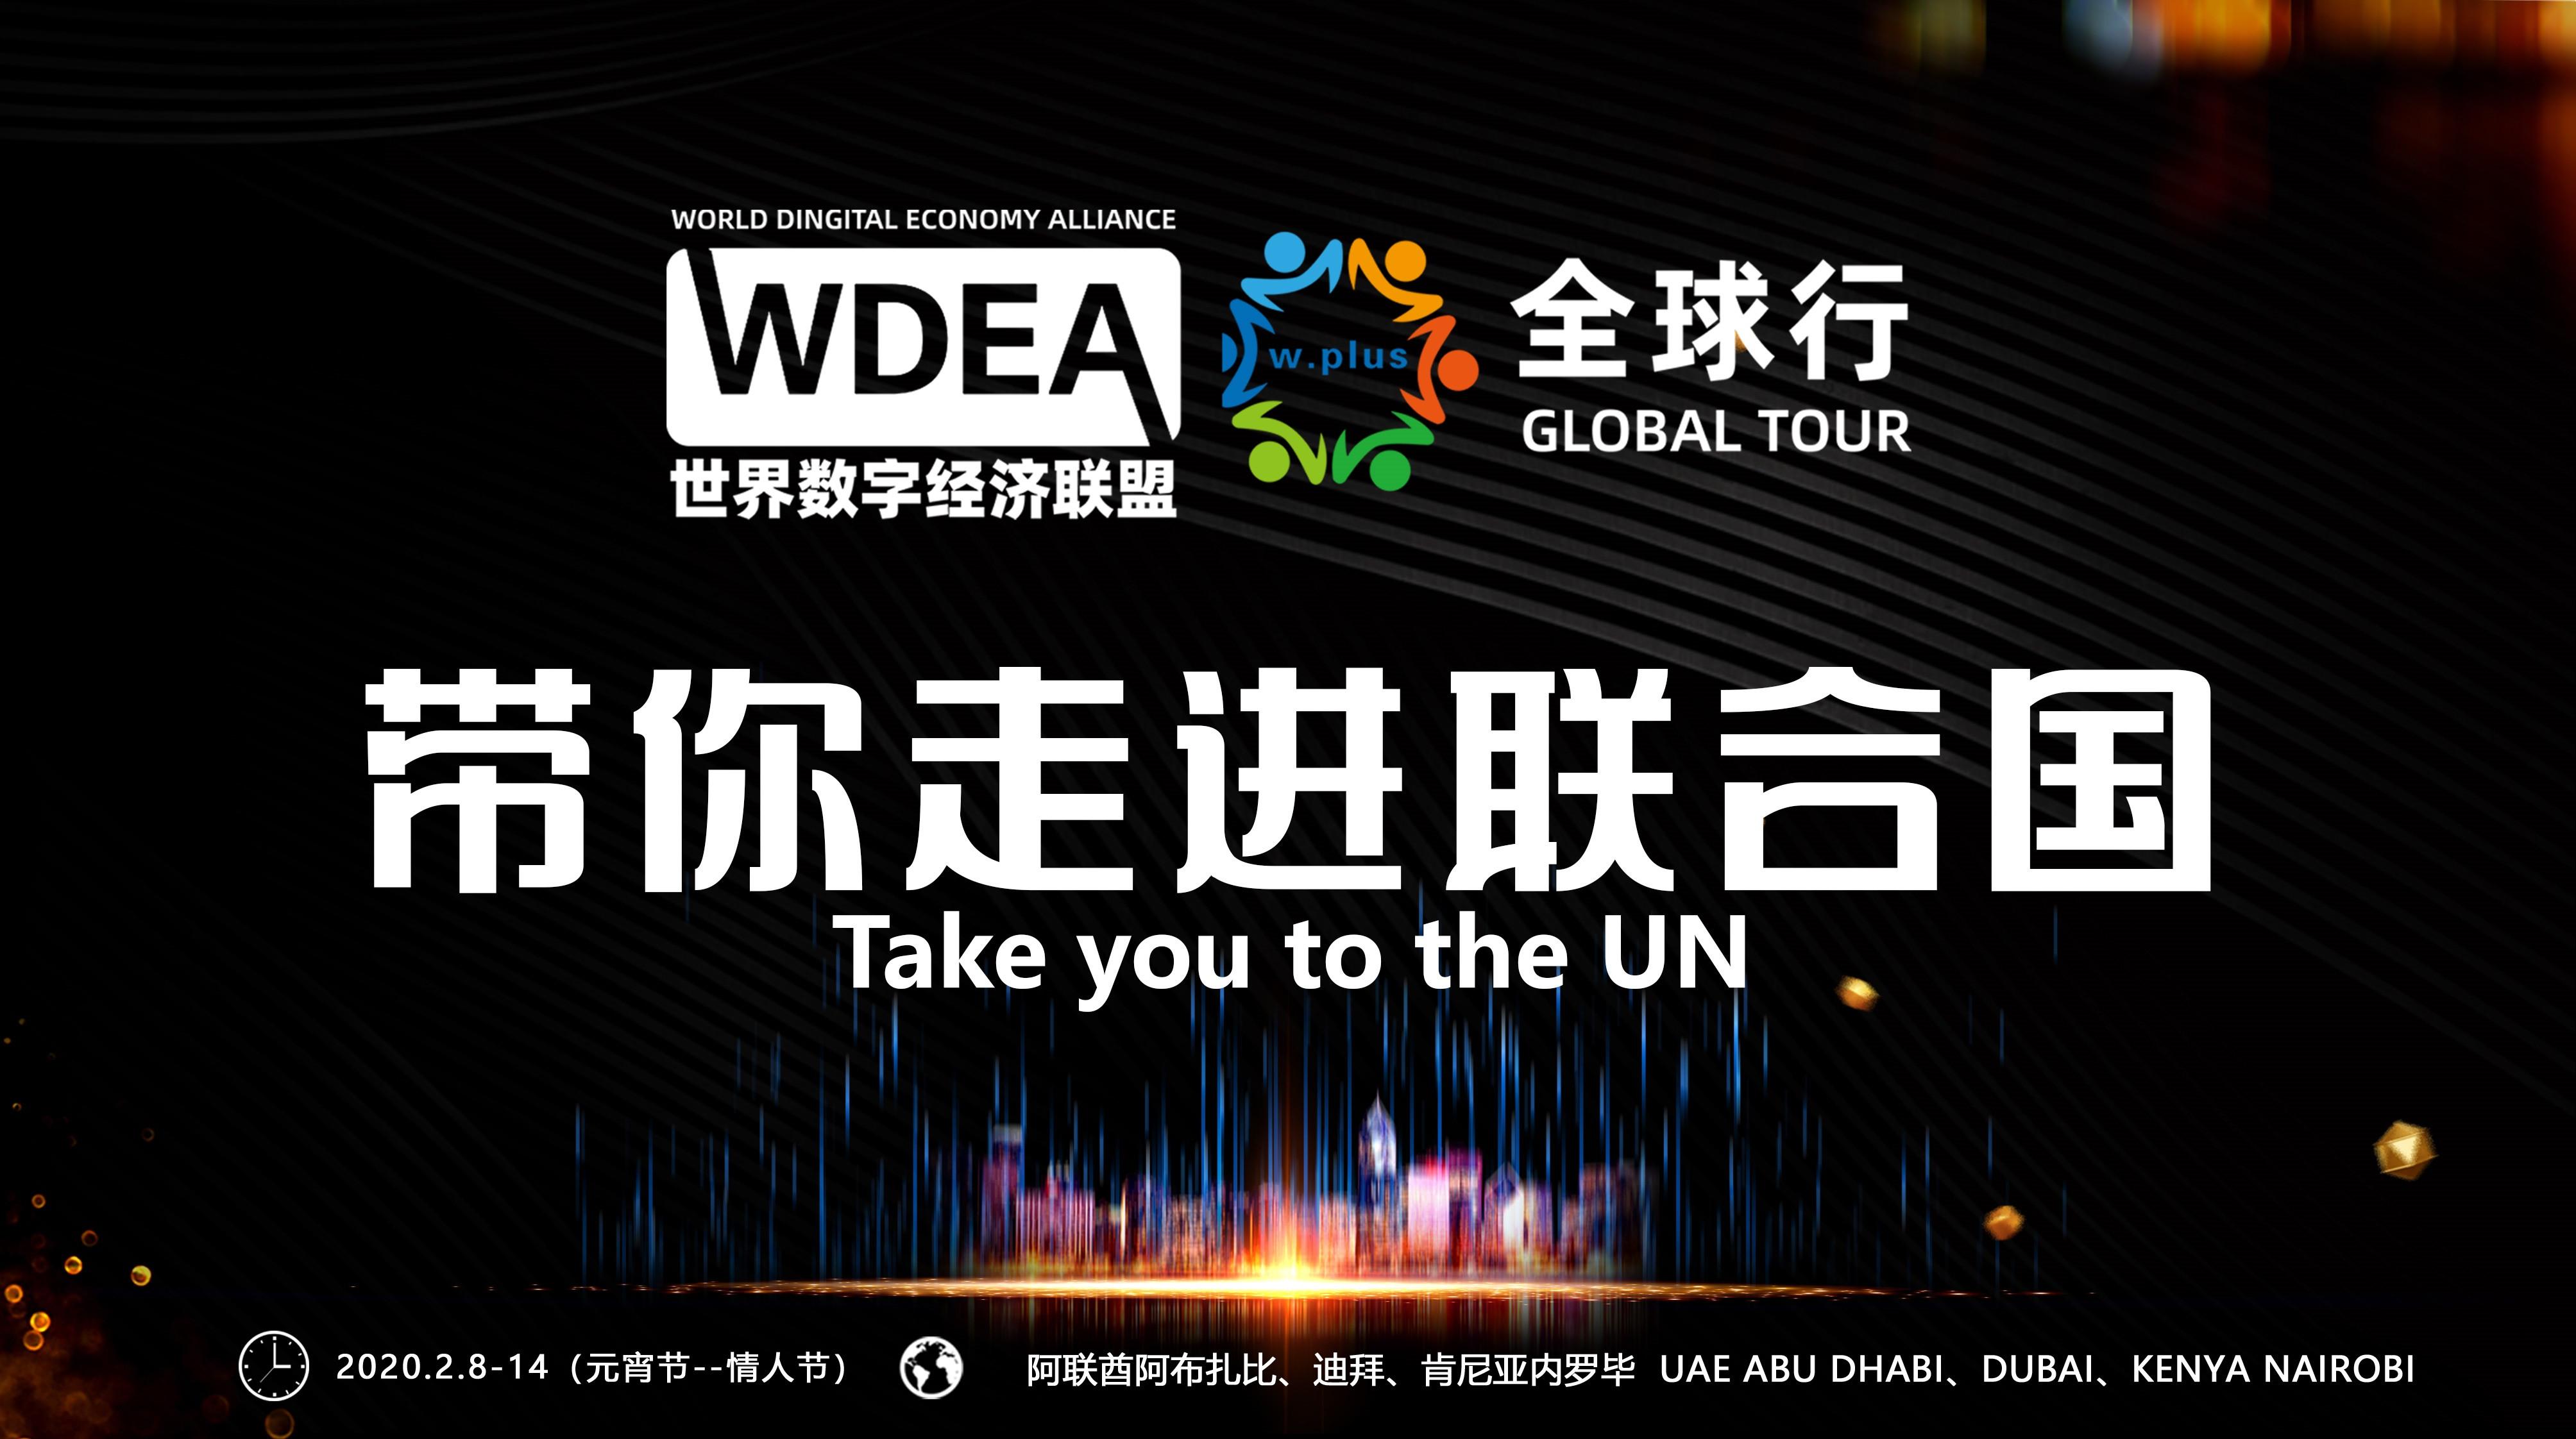 《WDEA全球行-帶你走進聯合國》第七屆世界數字經濟大會暨第五屆世界區塊鏈創新大會